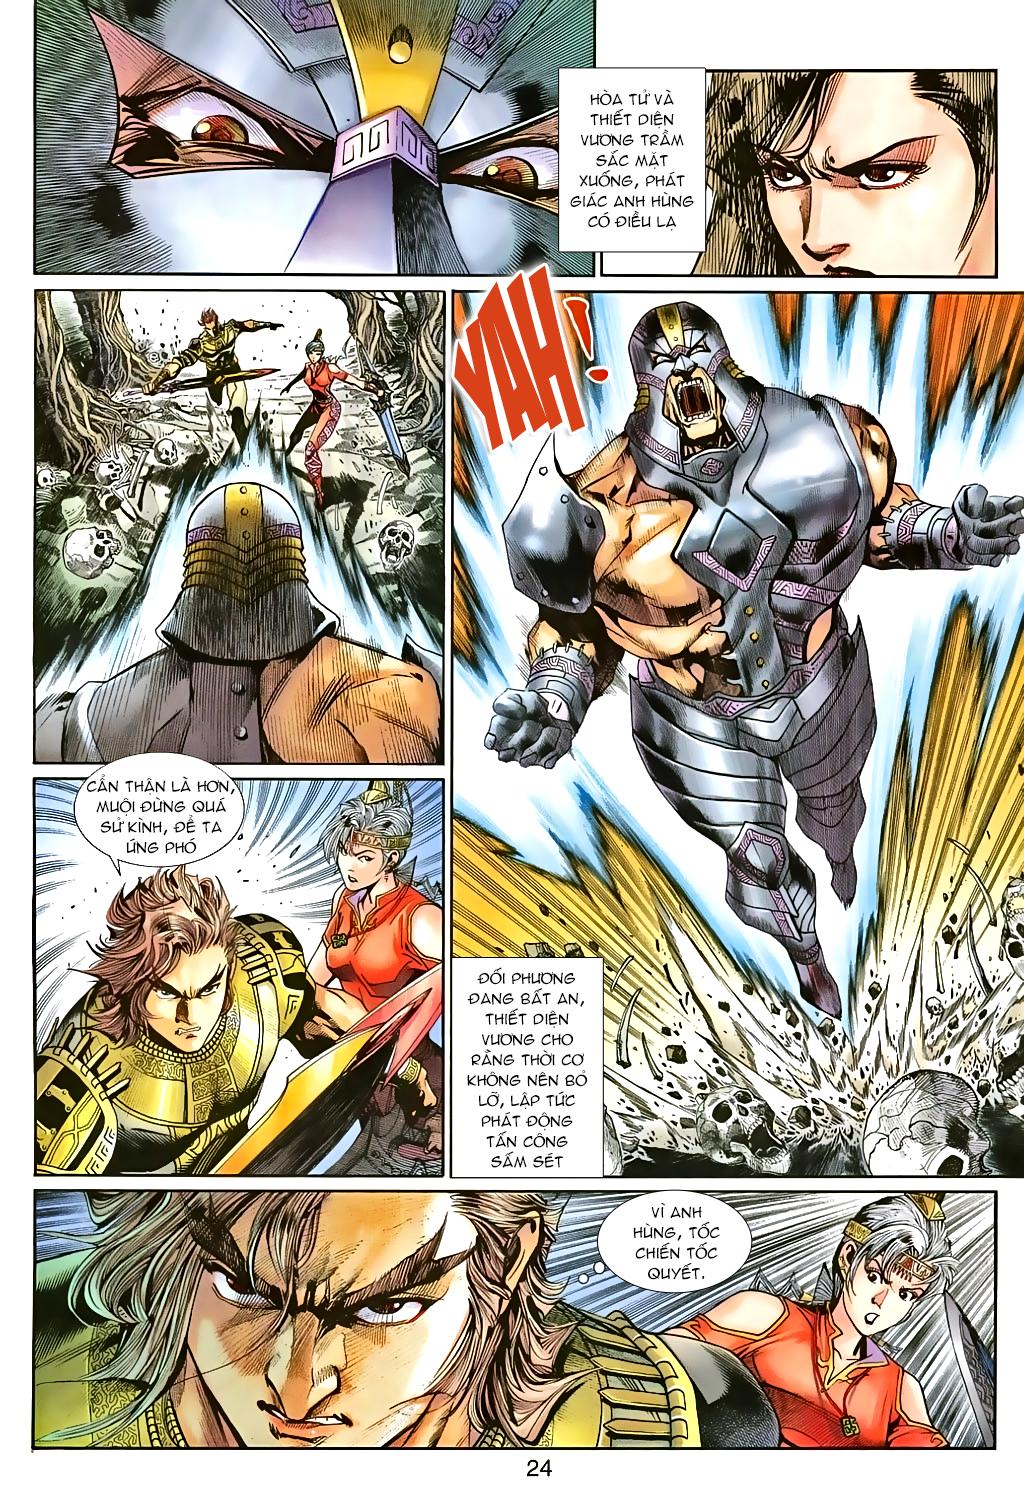 Thần binh huyền kỳ 3 - 3.5 tập 81 - 23